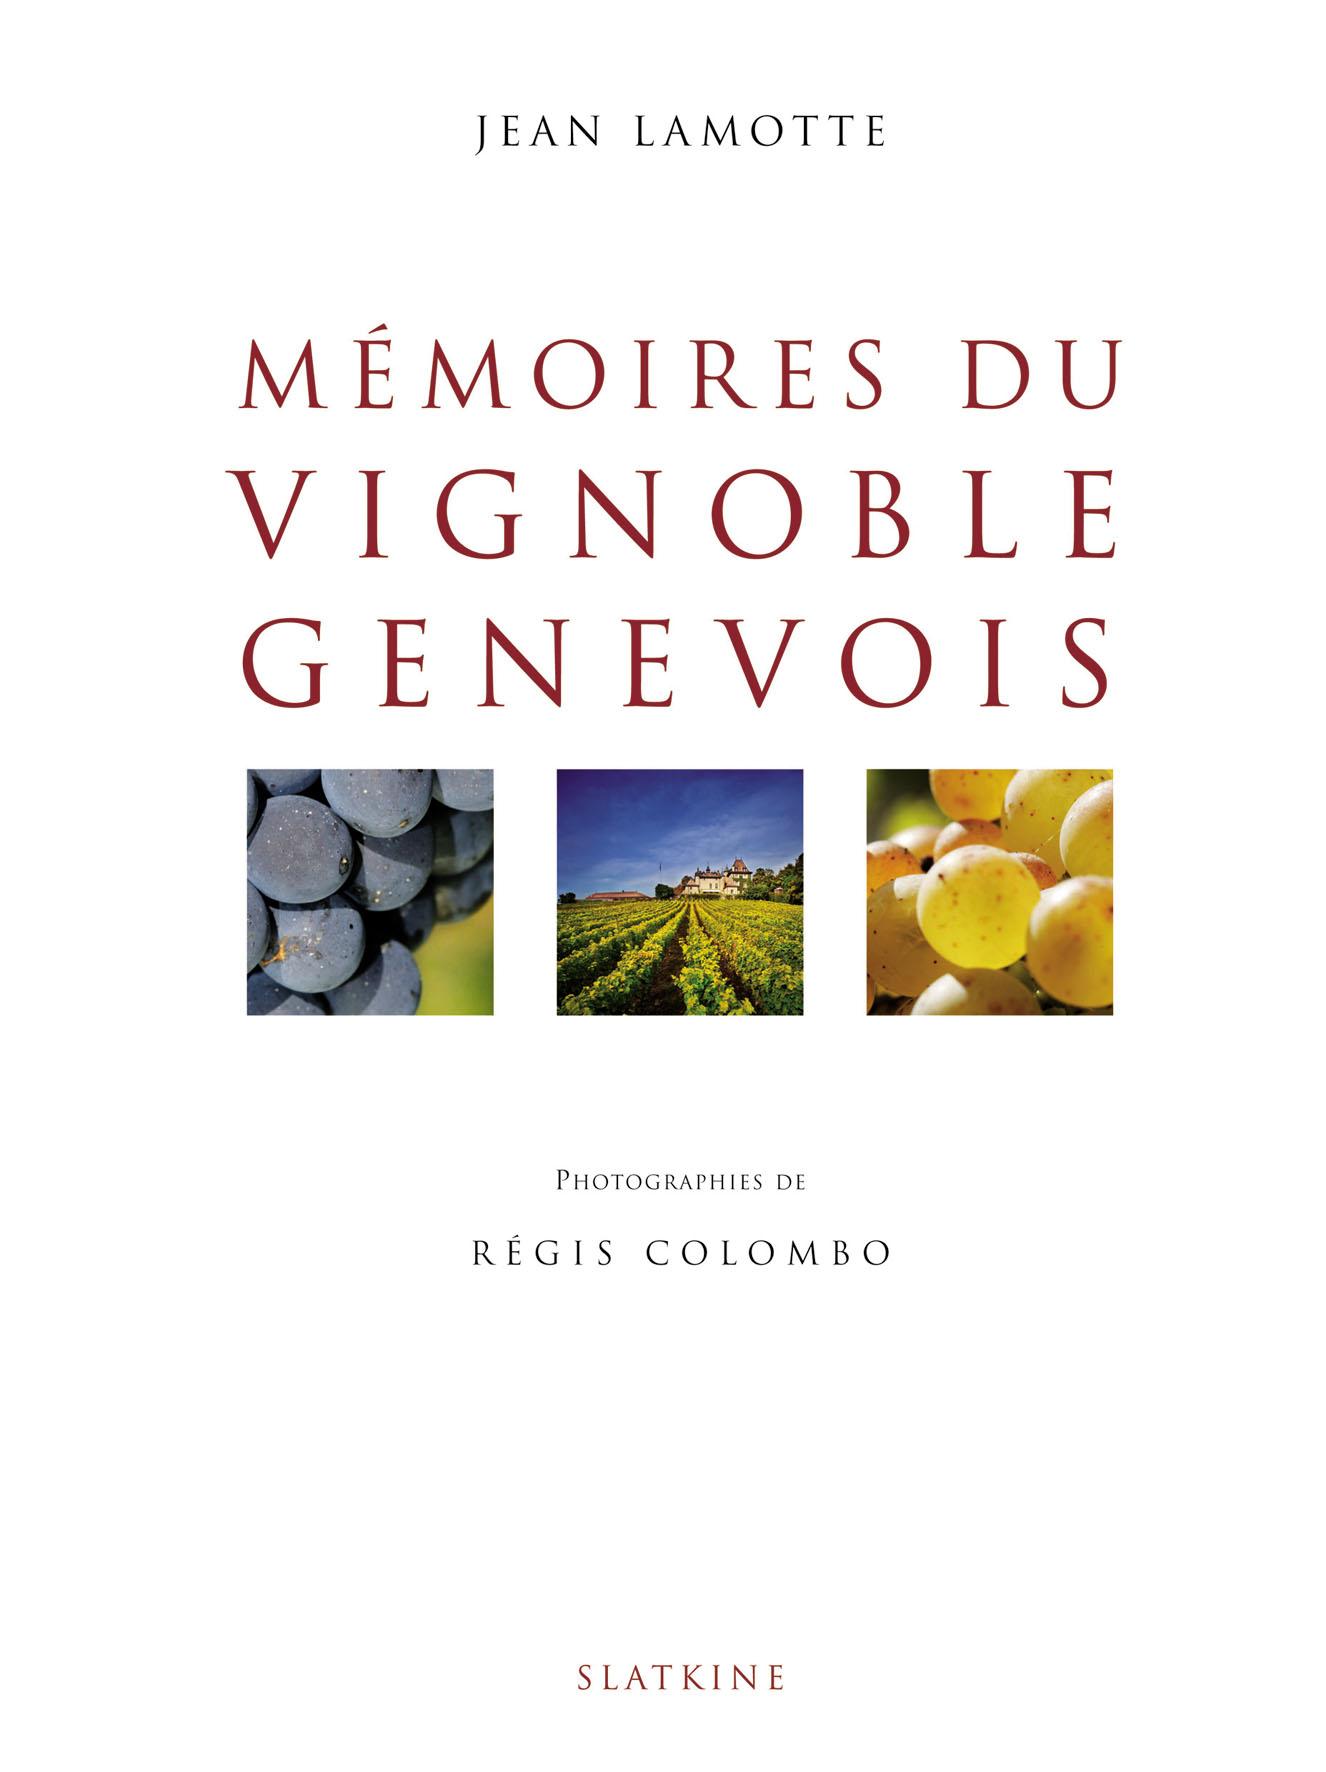 9831 - livre VIGNOBLE GENEVOIS, 176 pages - 2007